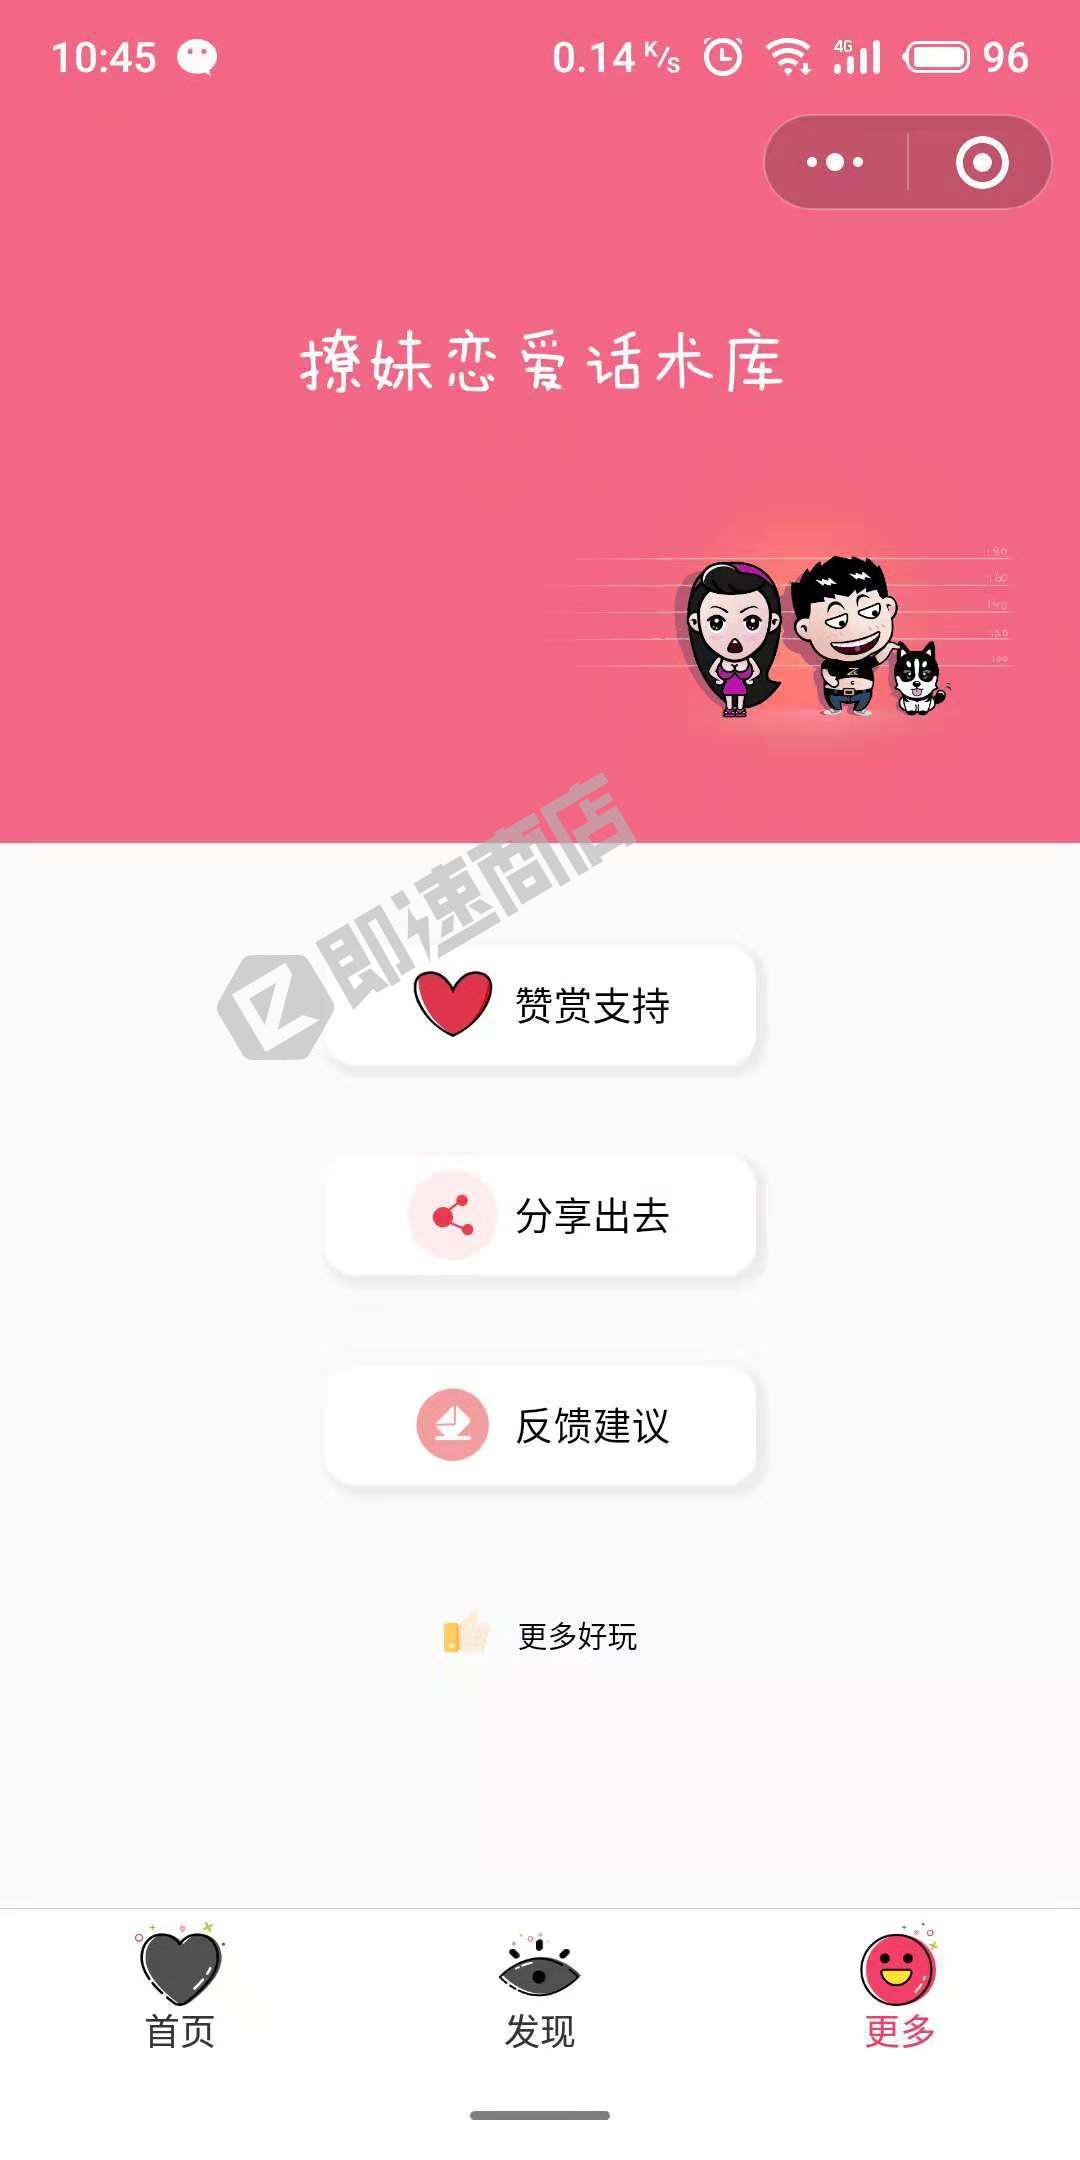 撩妹恋爱话术库小程序列表页截图